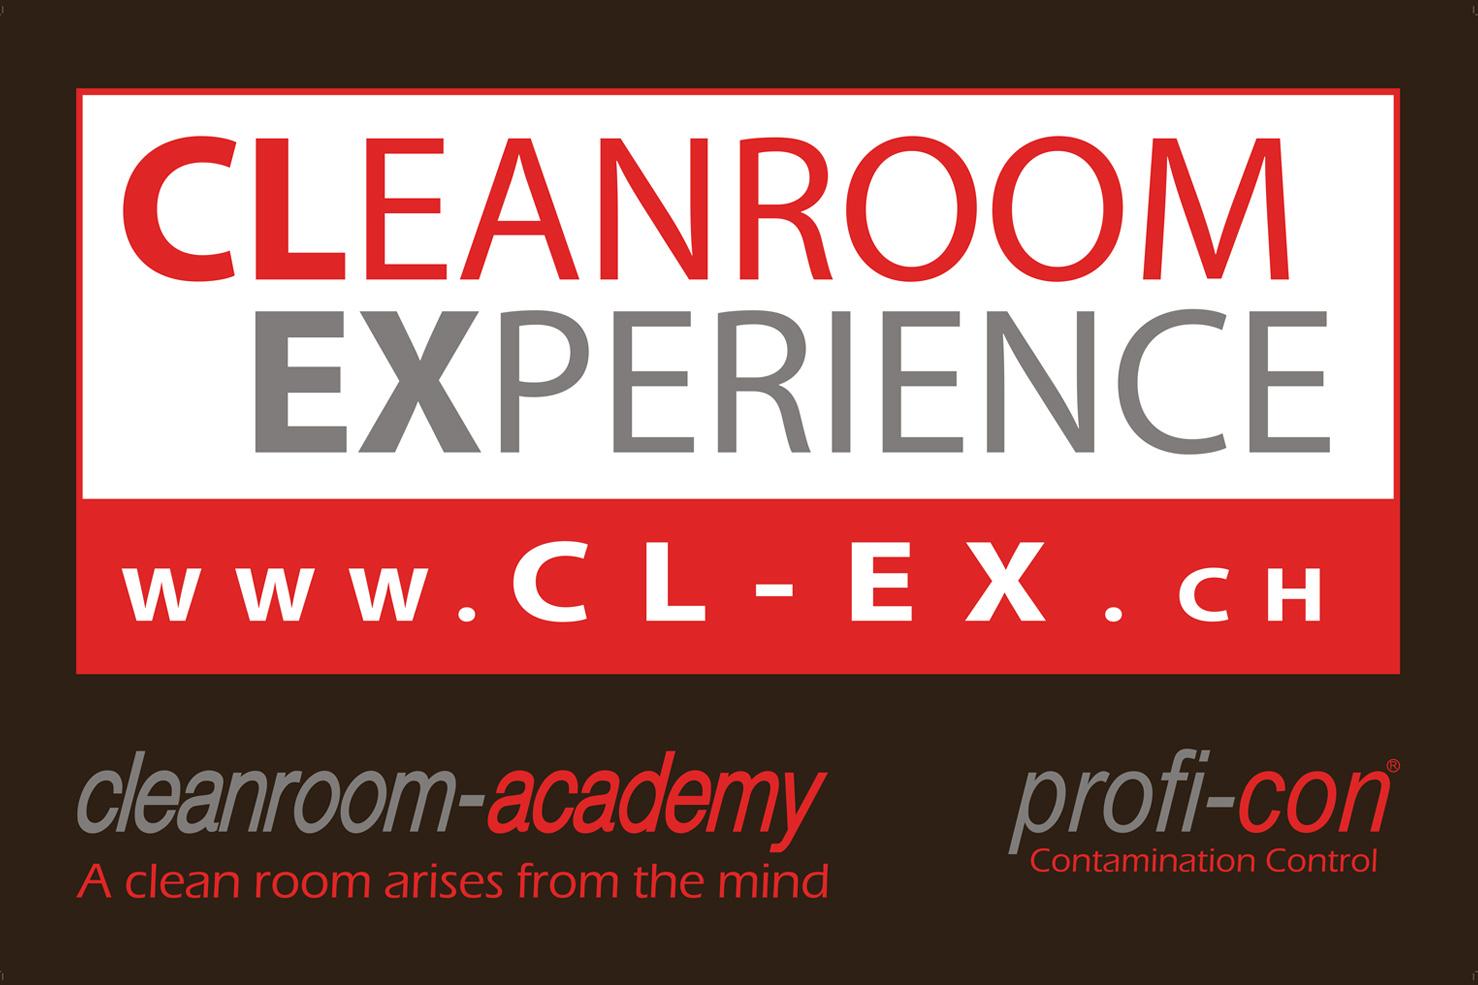 Bild 2 vom Cleanroom Experience Beschriftung